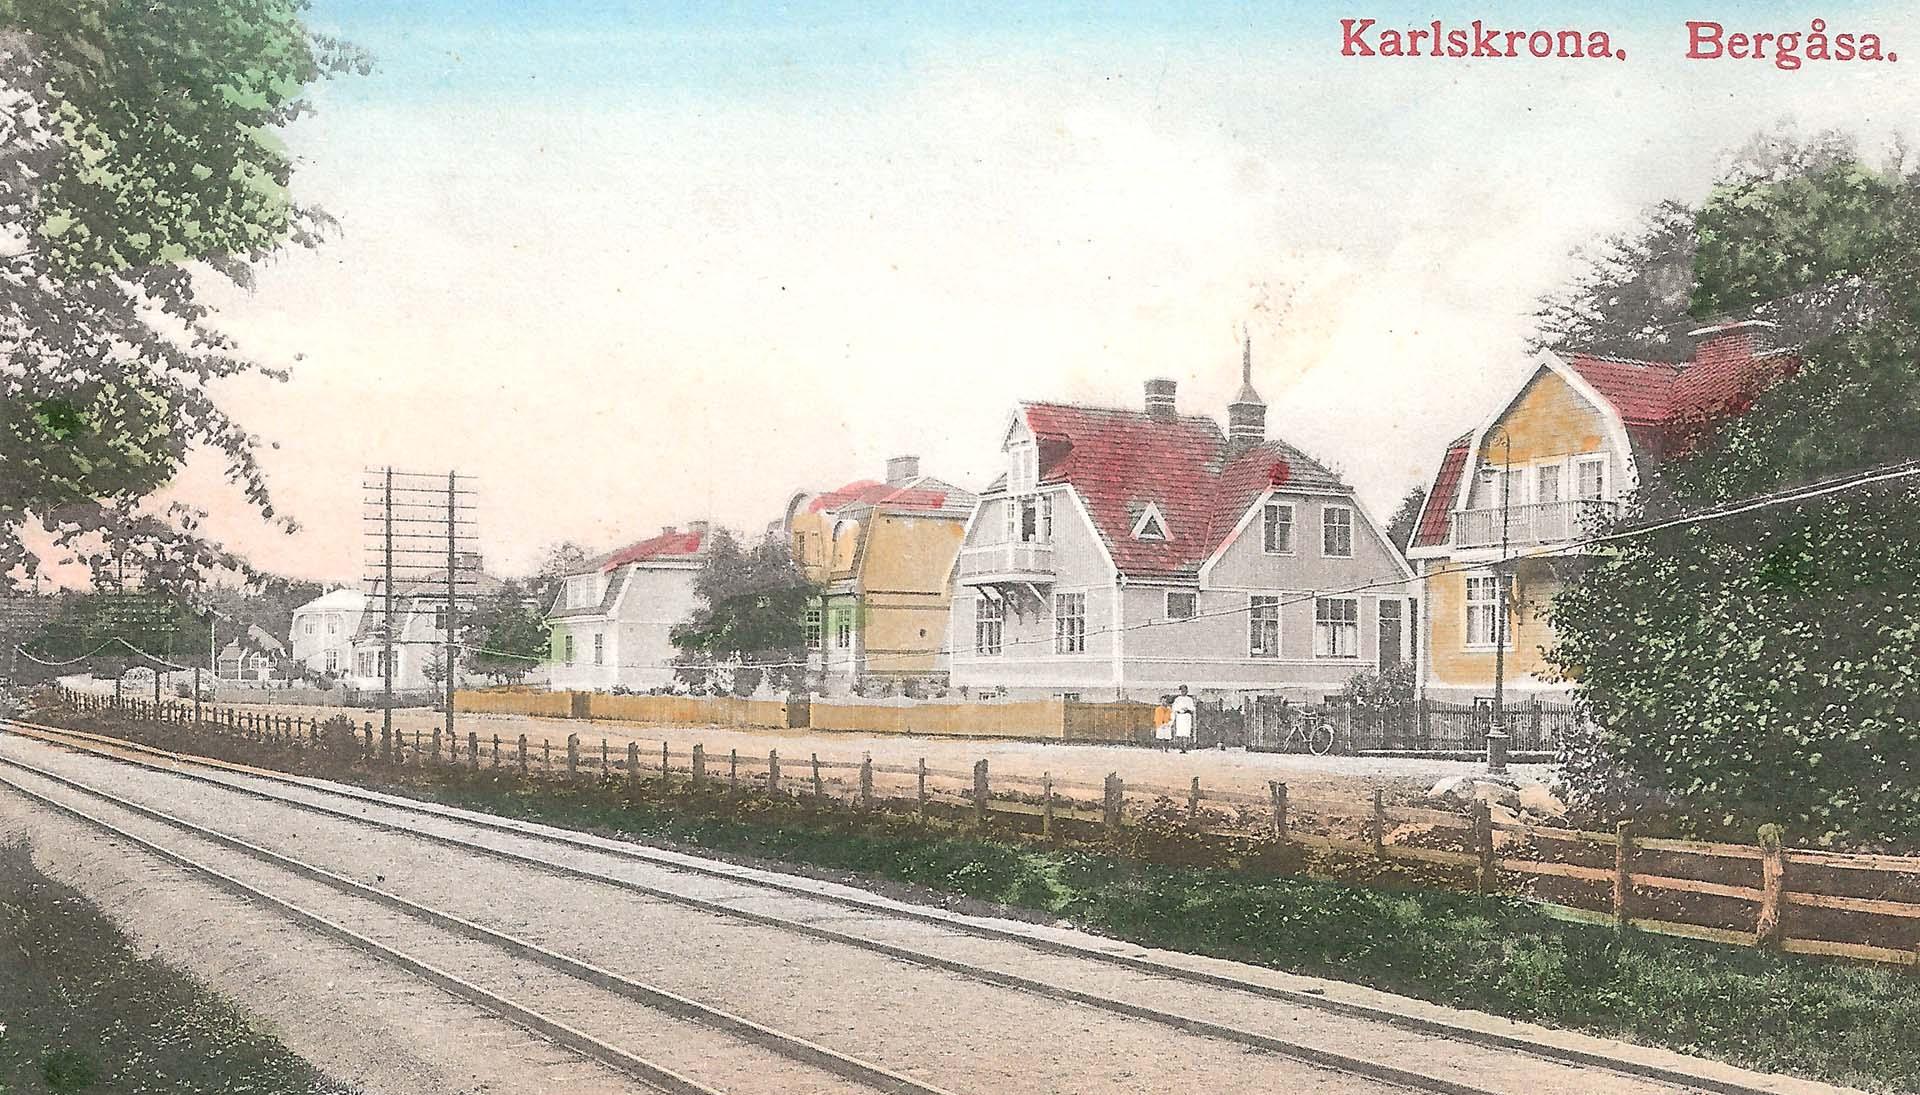 Bilden tagen 1913 (samma som ovan fast kolorerad) och här ligger mycket prydligt både normal- och smalspår (till Torsås) på banvallen. I dag finns bara normalspåret kvar. Husen är fortfarande sig lika.